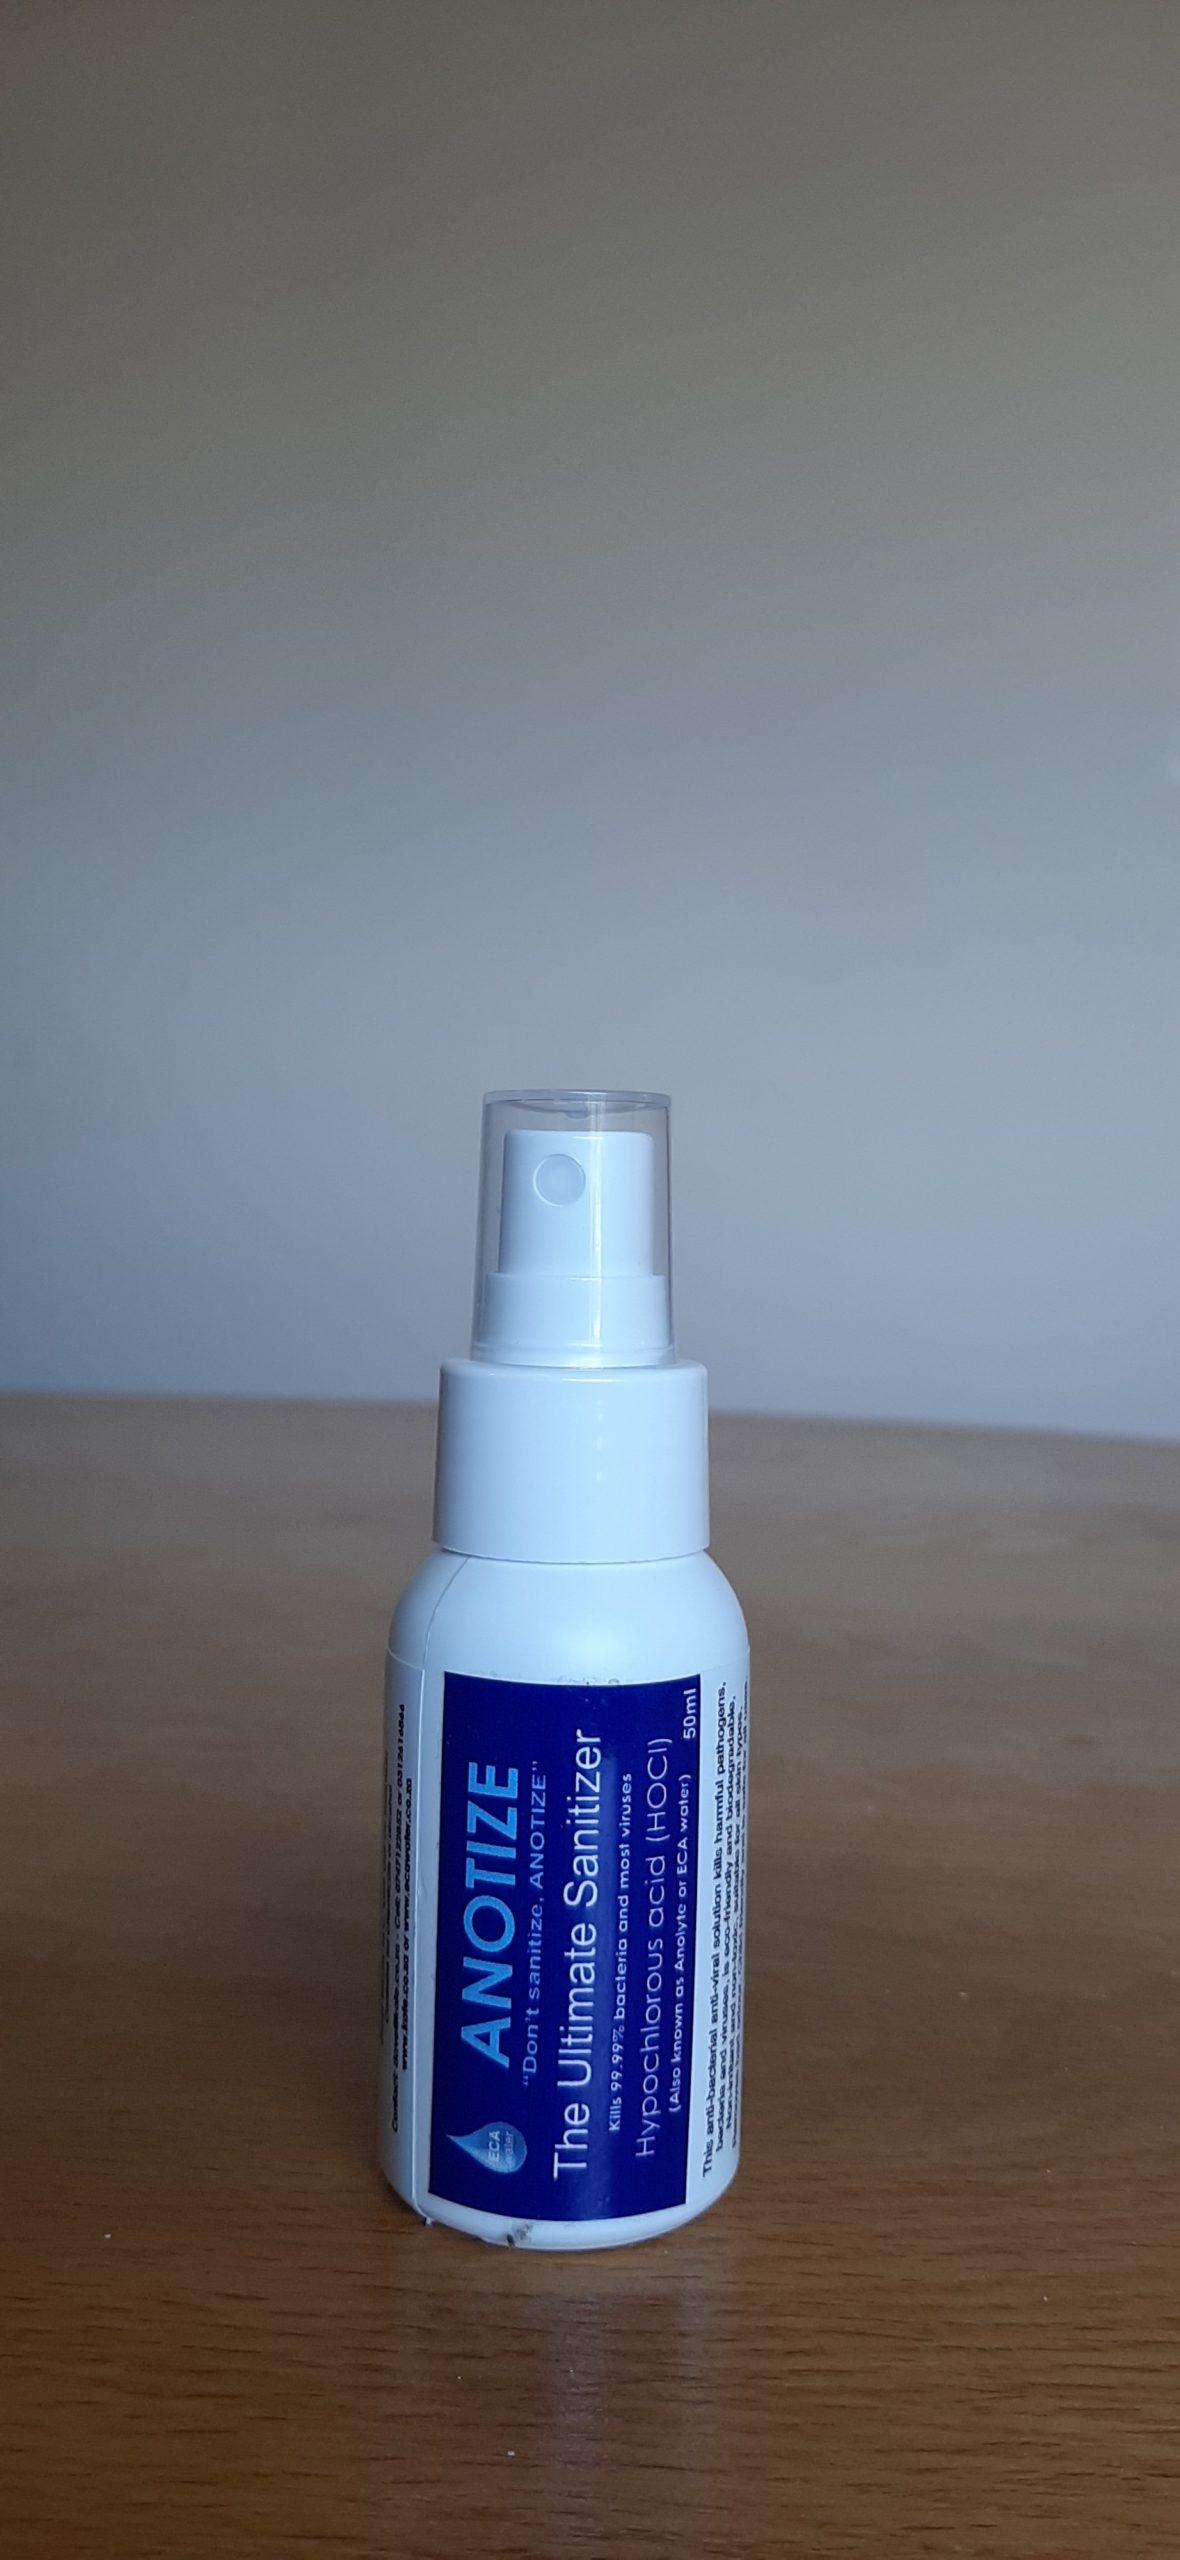 50ml bottle of sanitiser